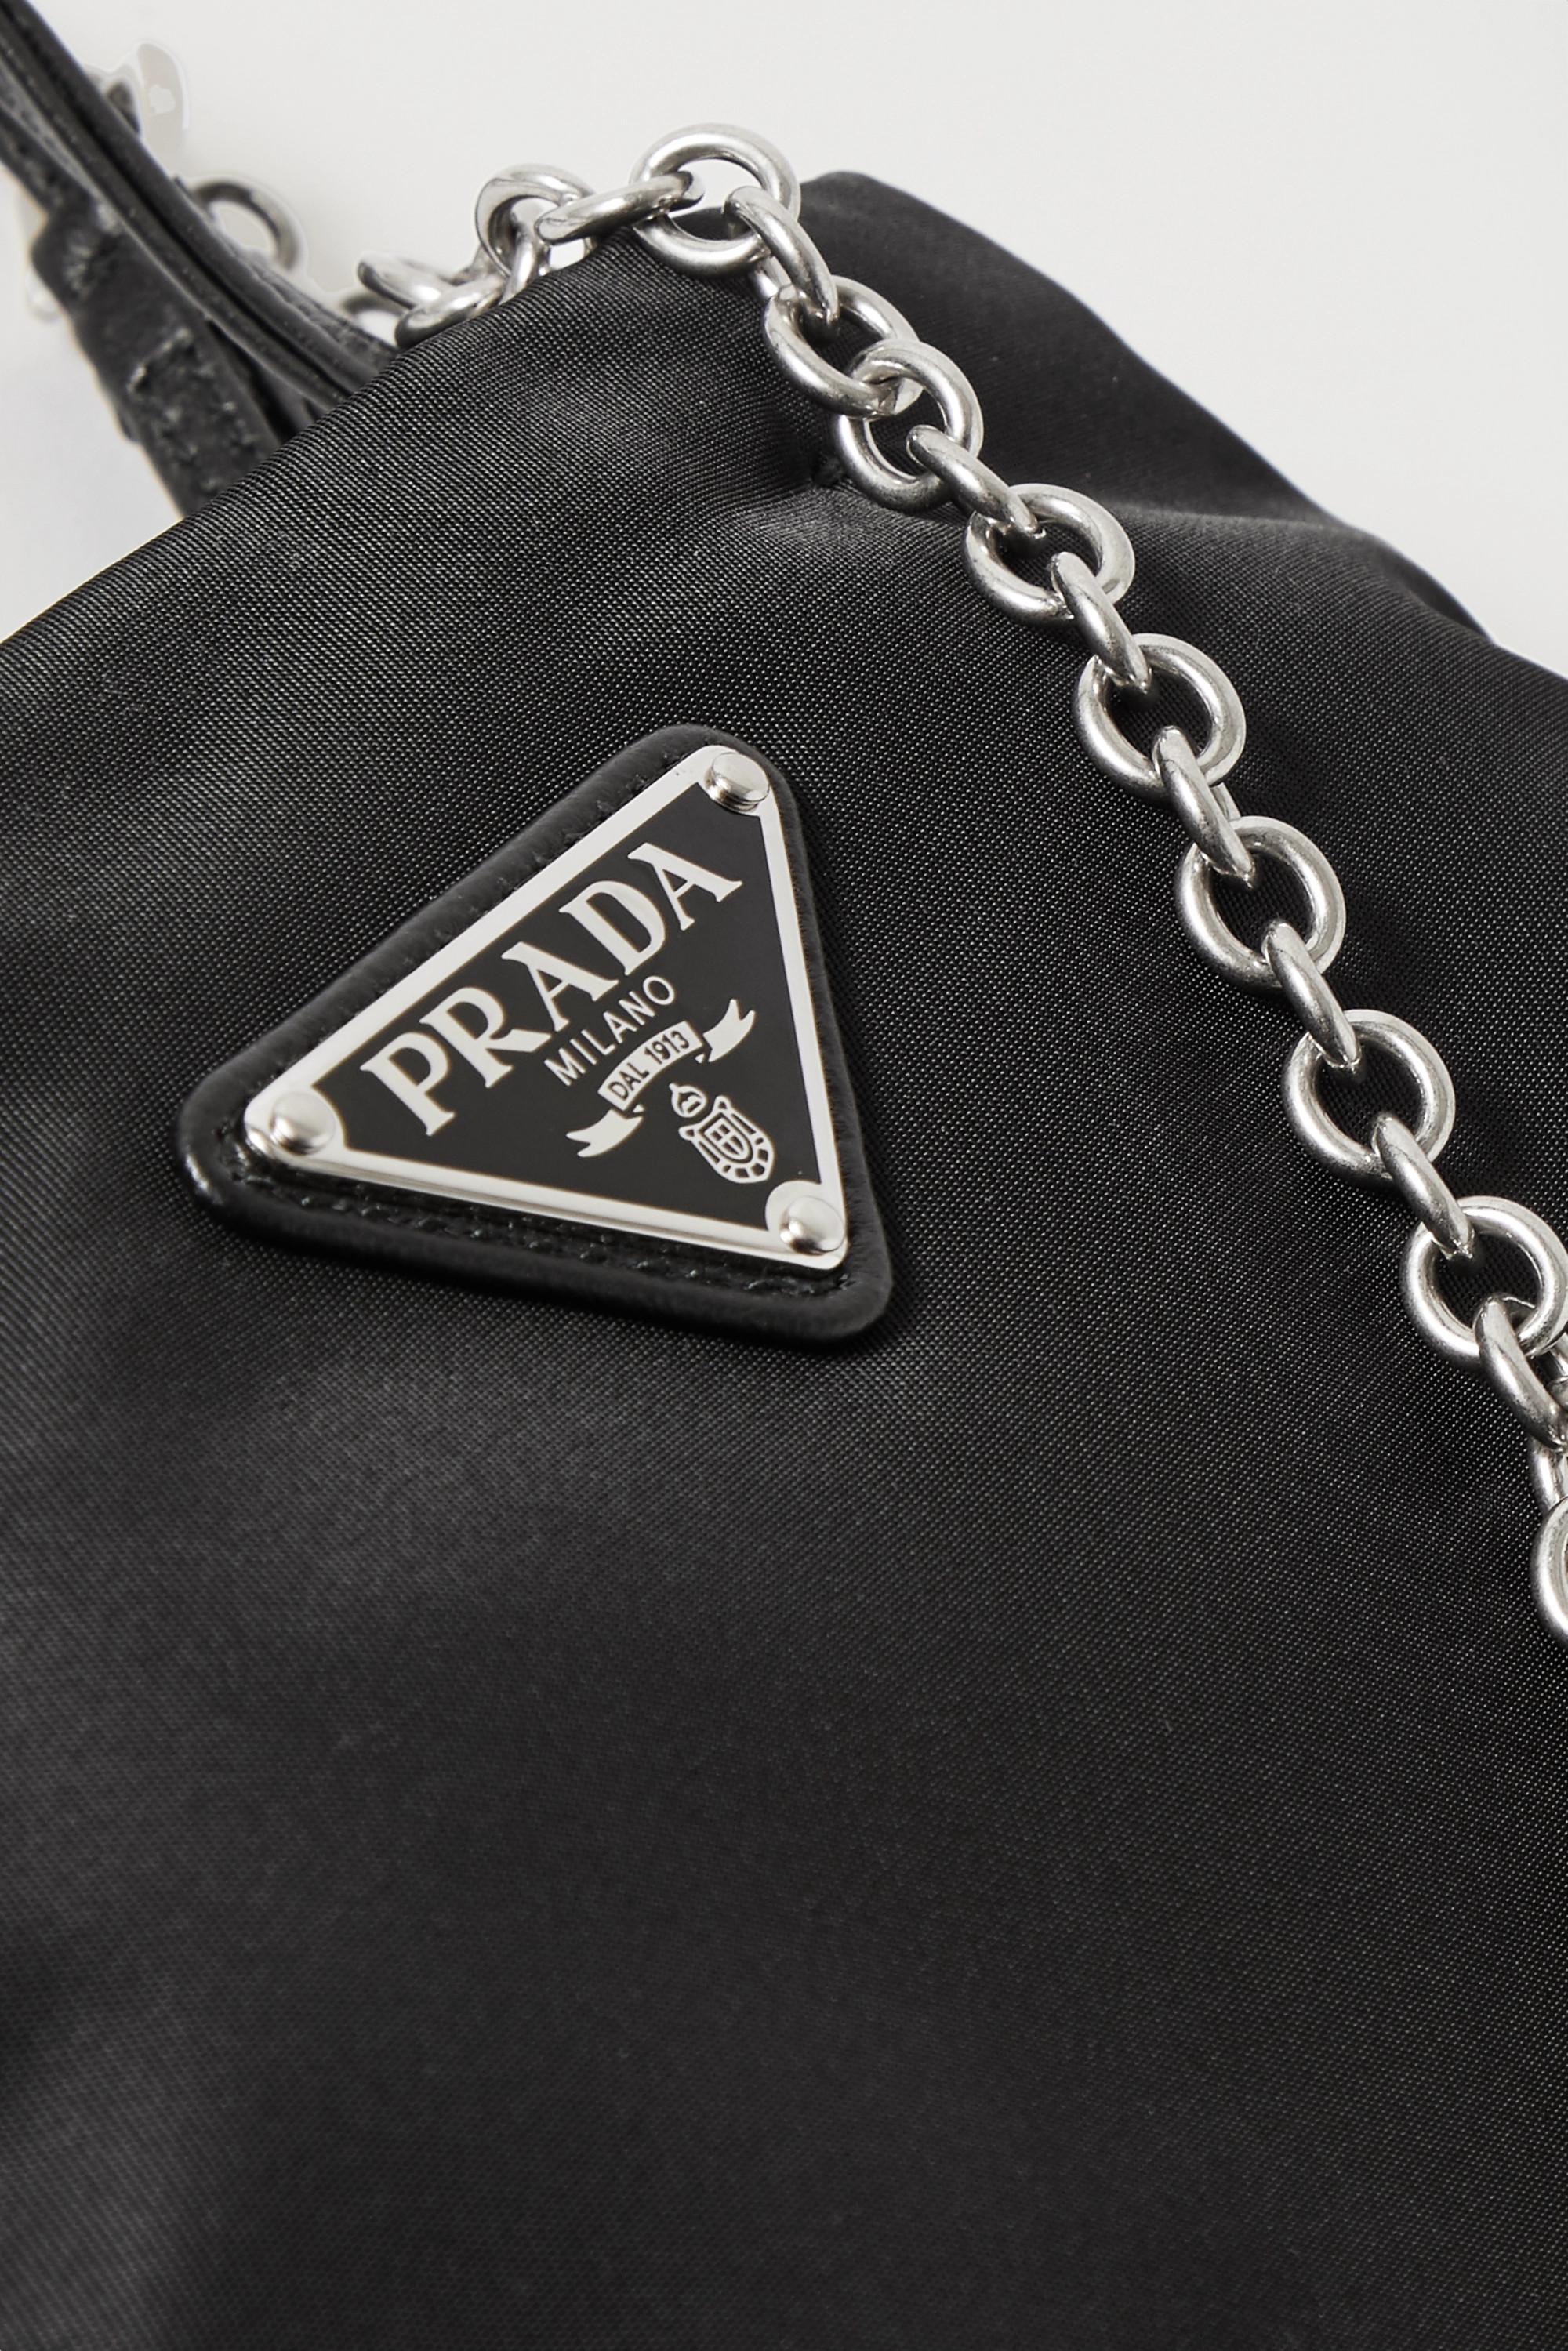 Prada Tessuto textured leather-trimmed nylon tote